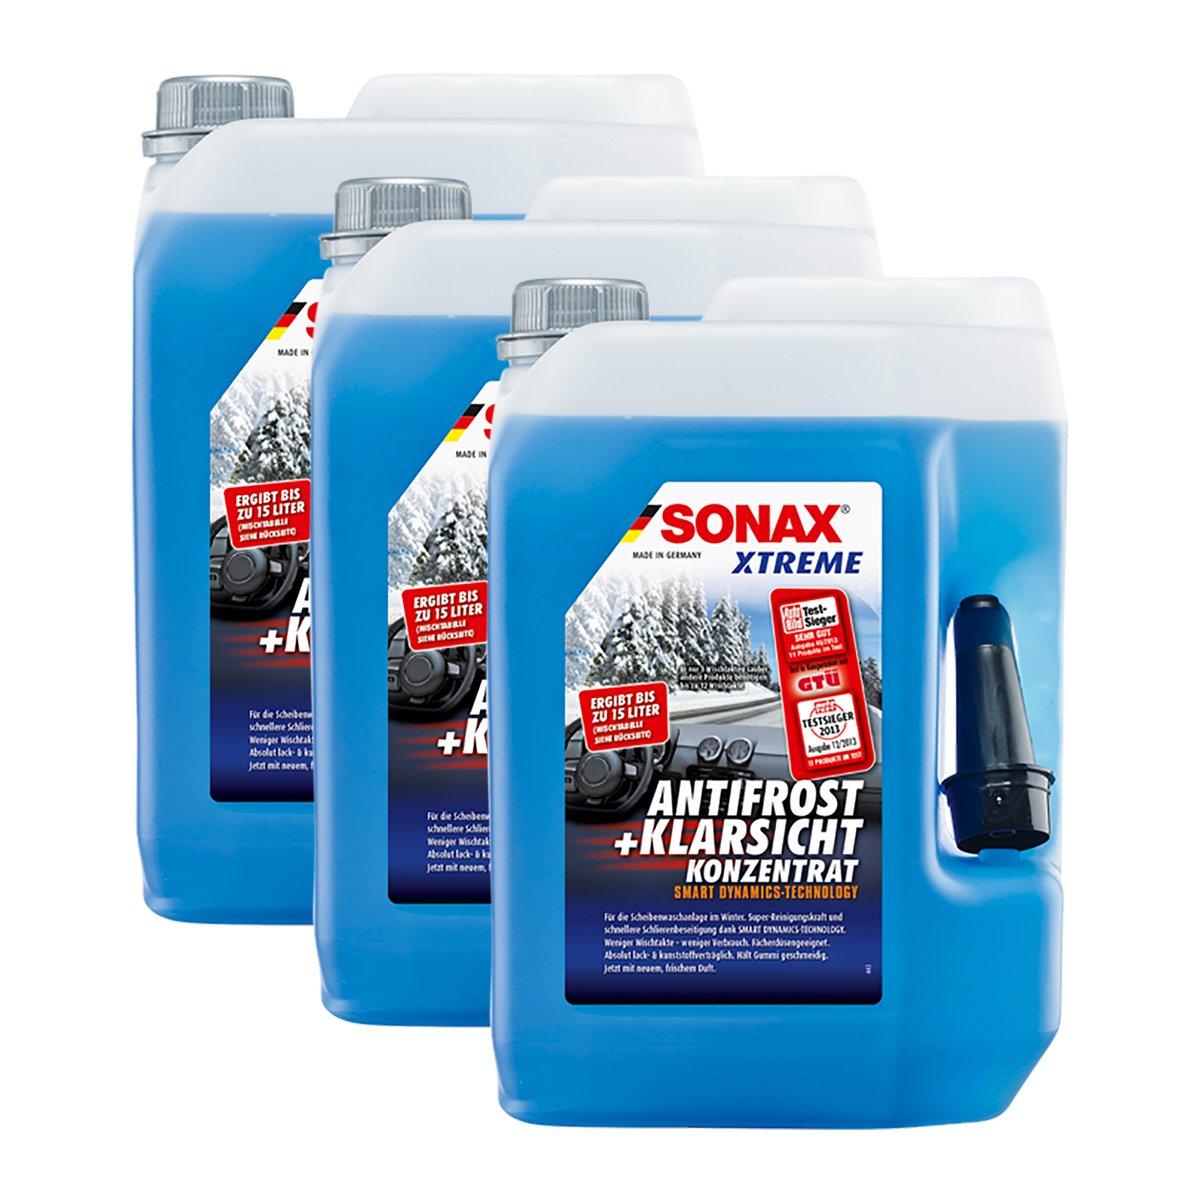 Sonax, 02325050 Xtreme, Liquido antigelo concentrato per cristalli auto con effetto anti-alone, 5 litri, 3 pezzi. 02325050Xtreme